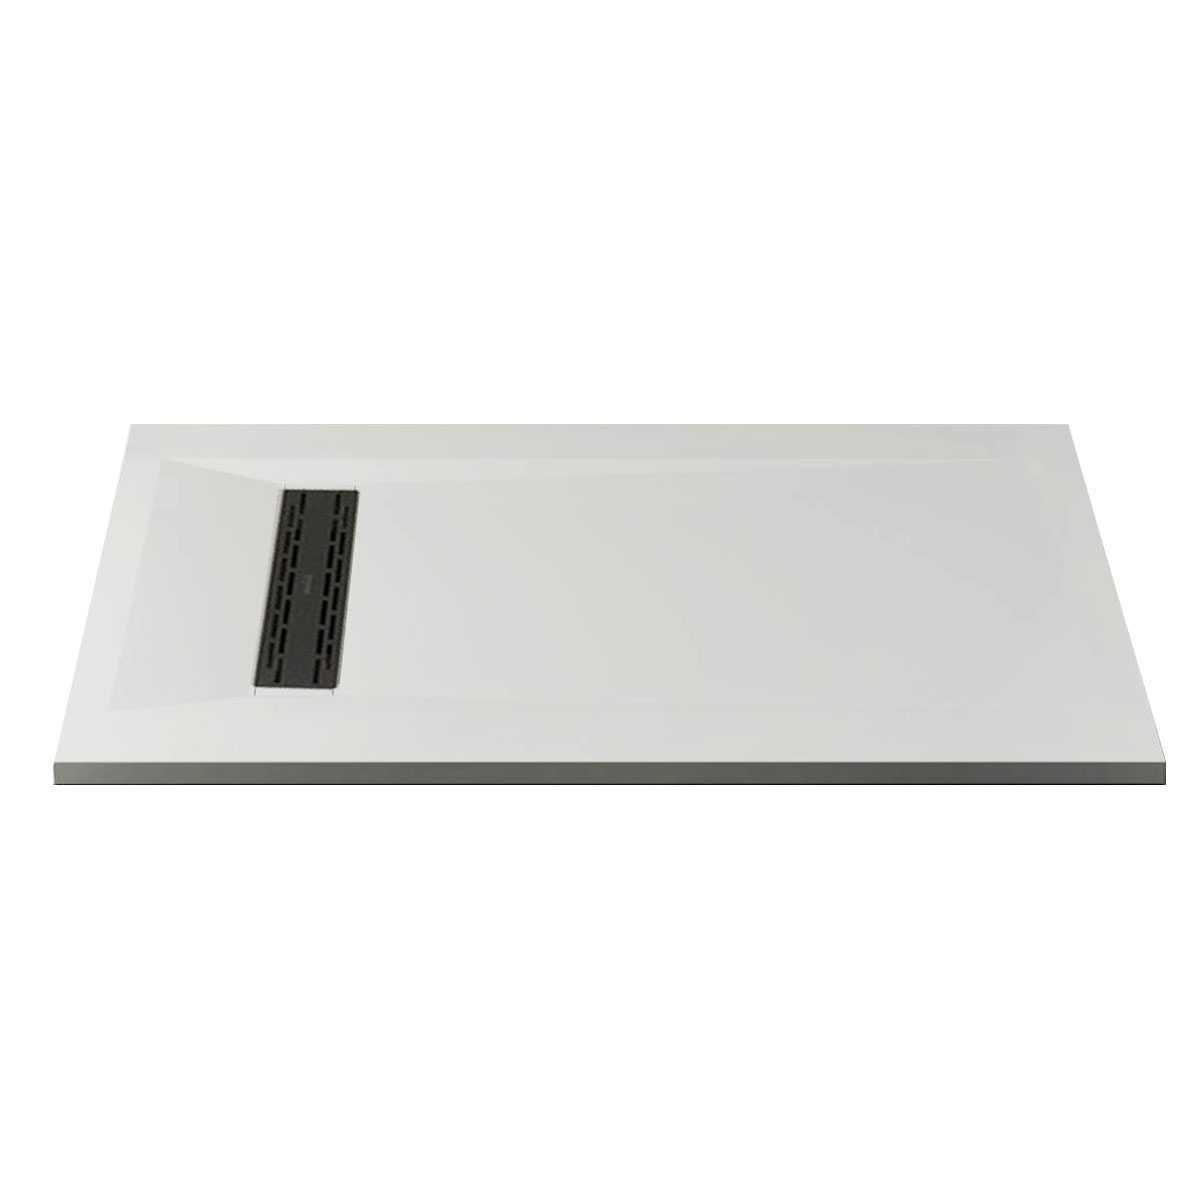 Piatto Doccia Riverside filo pavimento 80x100 h 3 cm colorato opaco in luxolid